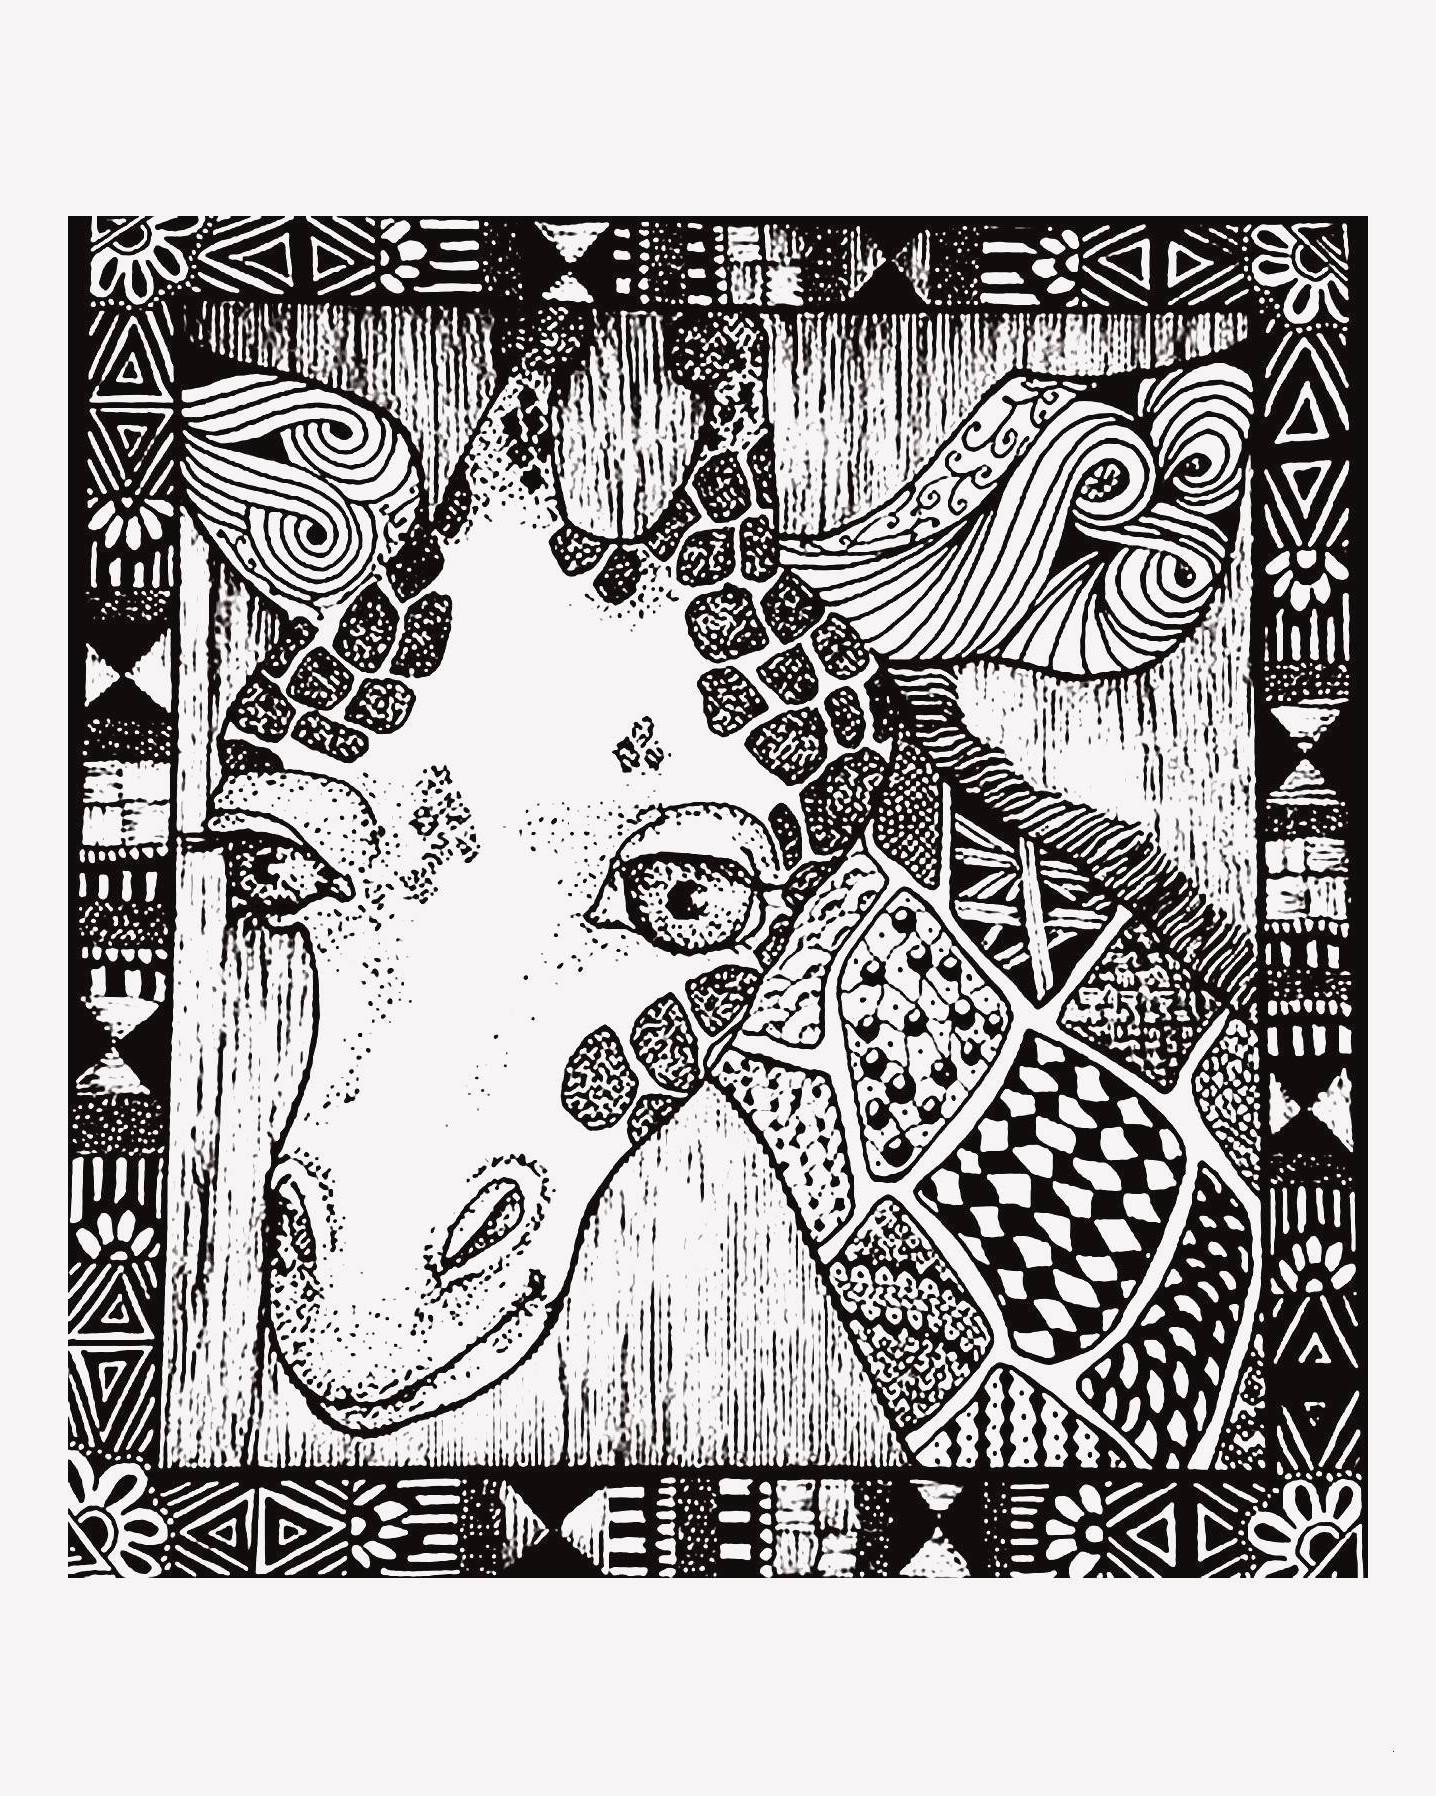 Mandala Zum Ausdrucken Erwachsene Frisch 33 Lecker Mandala Tiere Für Erwachsene – Malvorlagen Ideen Bilder